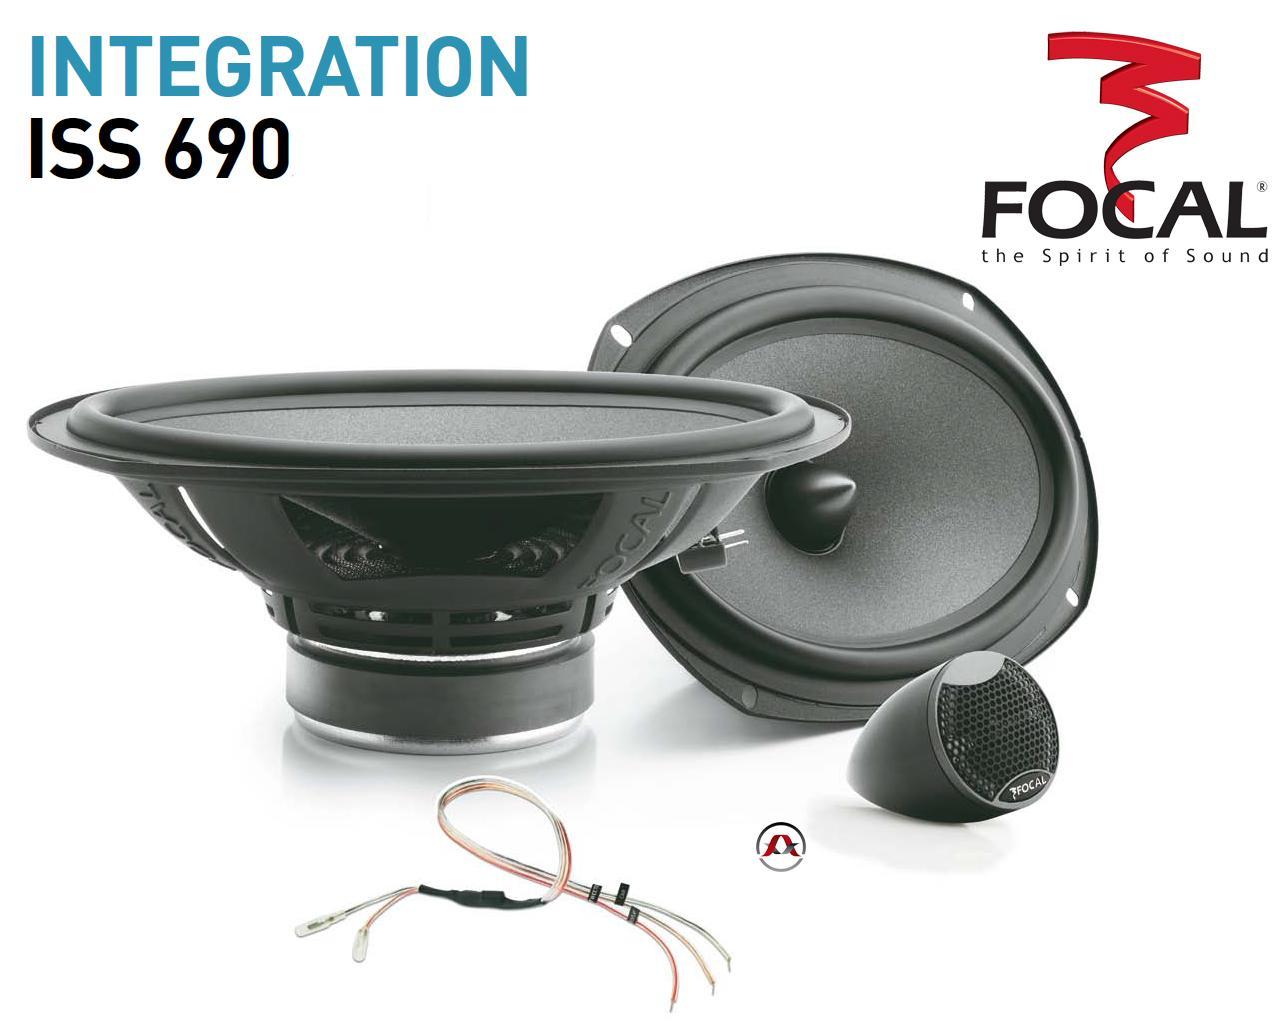 hp focal focal integration iss 690 196791. Black Bedroom Furniture Sets. Home Design Ideas